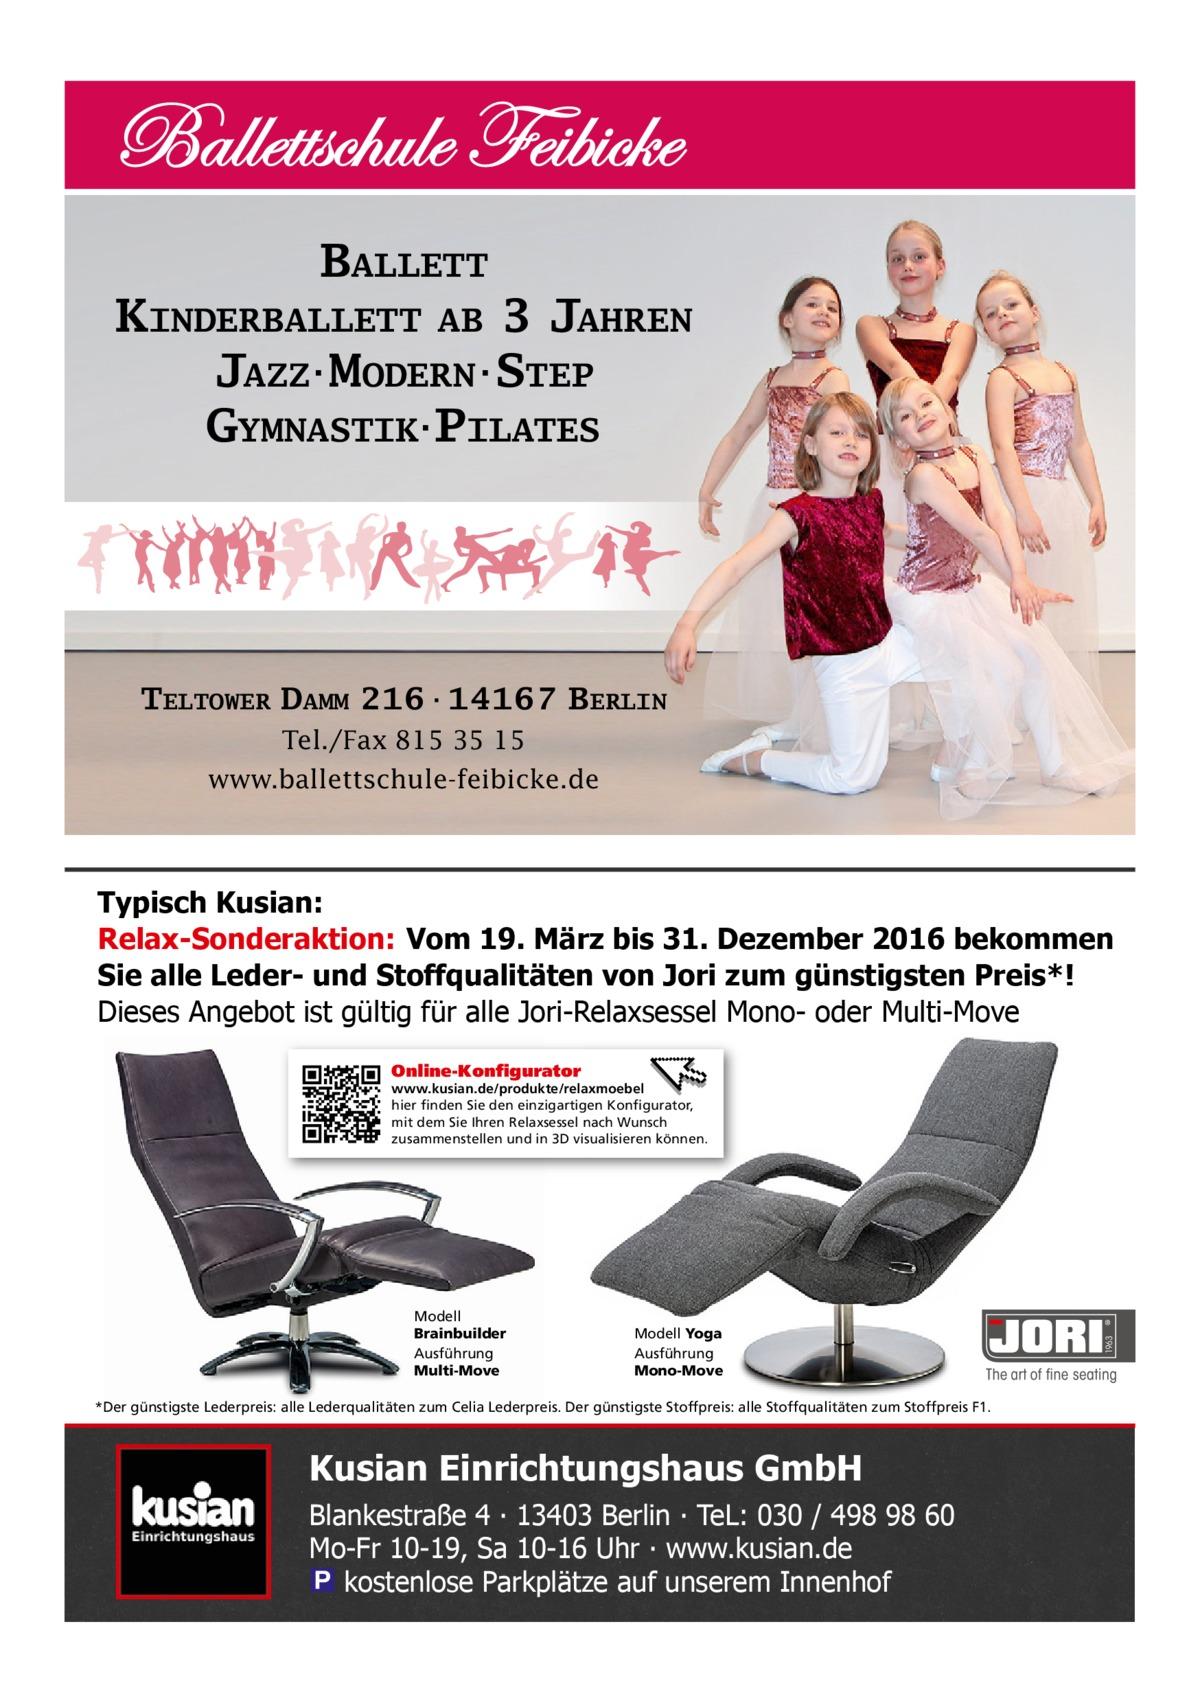 BALLETT KINDERBALLETT AB 3 JAHREN JAZZ·MODERN·STEP GYMNASTIK·PILATES  TELTOWER DAMM 216·14167 BERLIN Tel./Fax 815 35 15 www.ballettschule-feibicke.de  Typisch Kusian: Relax-Sonderaktion: Vom 19. März bis 31. Dezember 2016 bekommen Sie alle Leder- und Stoffqualitäten von Jori zum günstigsten Preis*! Dieses Angebot ist gültig für alle Jori-Relaxsessel Mono- oder Multi-Move Online-Konfigurator  Modell Brainbuilder Ausführung Multi-Move  Modell Yoga Ausführung Mono-Move  *Der günstigste Lederpreis: alle Lederqualitäten zum Celia Lederpreis. Der günstigste Stoffpreis: alle Stoffqualitäten zum Stoffpreis F1.  Kusian Einrichtungshaus GmbH Blankestraße 4 ∙ 13403 Berlin ∙ TeL: 030 / 498 98 60 Mo-Fr 10-19, Sa 10-16 Uhr ∙ www.kusian.de � kostenlose Parkplätze auf unserem Innenhof  1963  www.kusian.de/produkte/relaxmoebel hier finden Sie den einzigartigen Konfigurator, mit dem Sie Ihren Relaxsessel nach Wunsch zusammenstellen und in 3D visualisieren können.